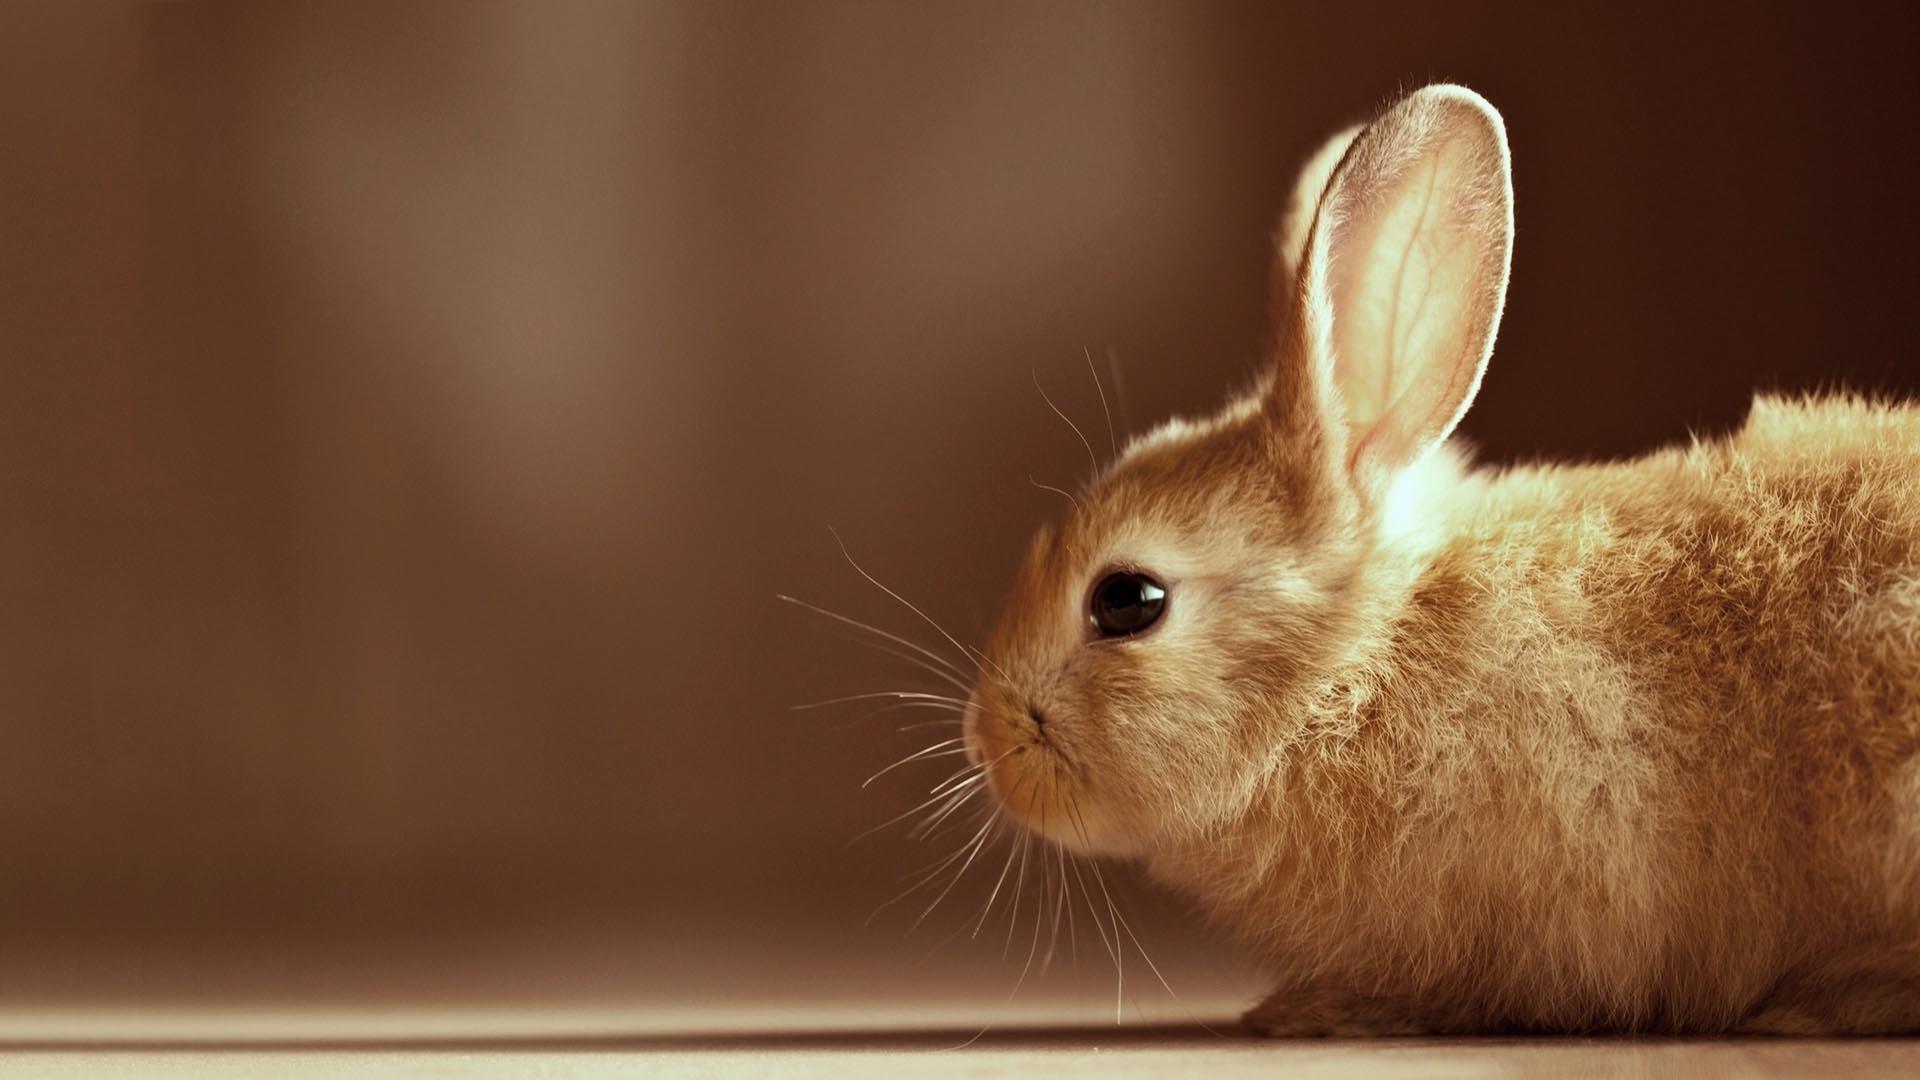 Description Cute Bunny HD Wallpaper is a hi res Wallpaper for pc 1920x1080